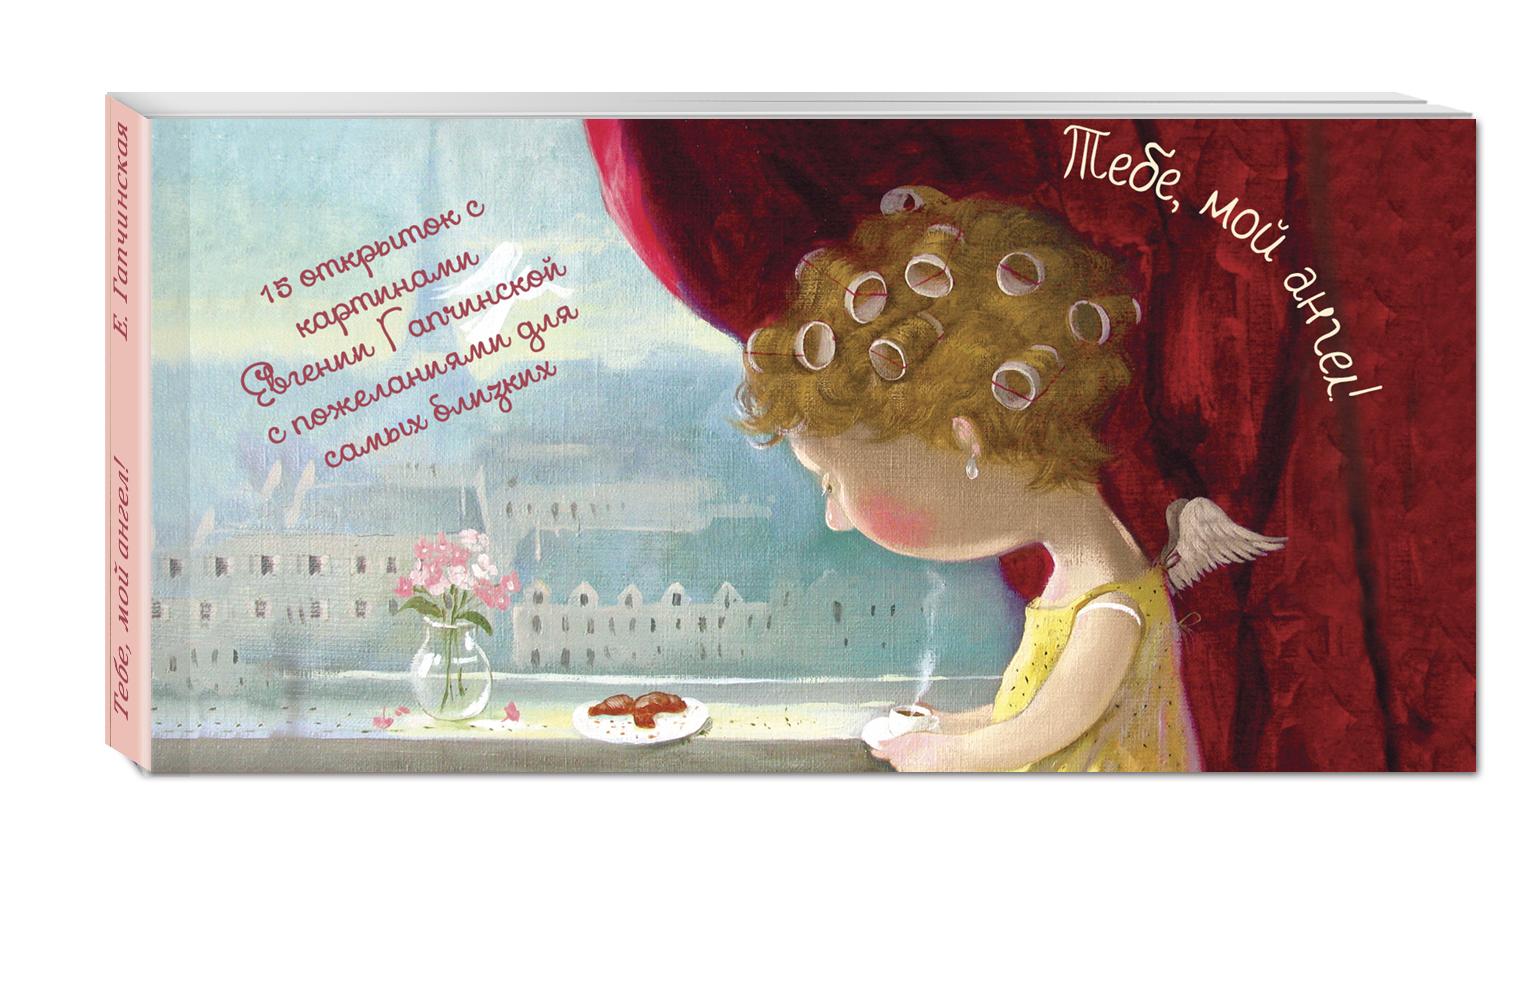 Гапчинская Евгения Тебе, мой ангел. 15 открыток на перфорации (нов.оф.1) гапчинская евгения тебе мой ангел 15 открыток на перфорации нов оф 1